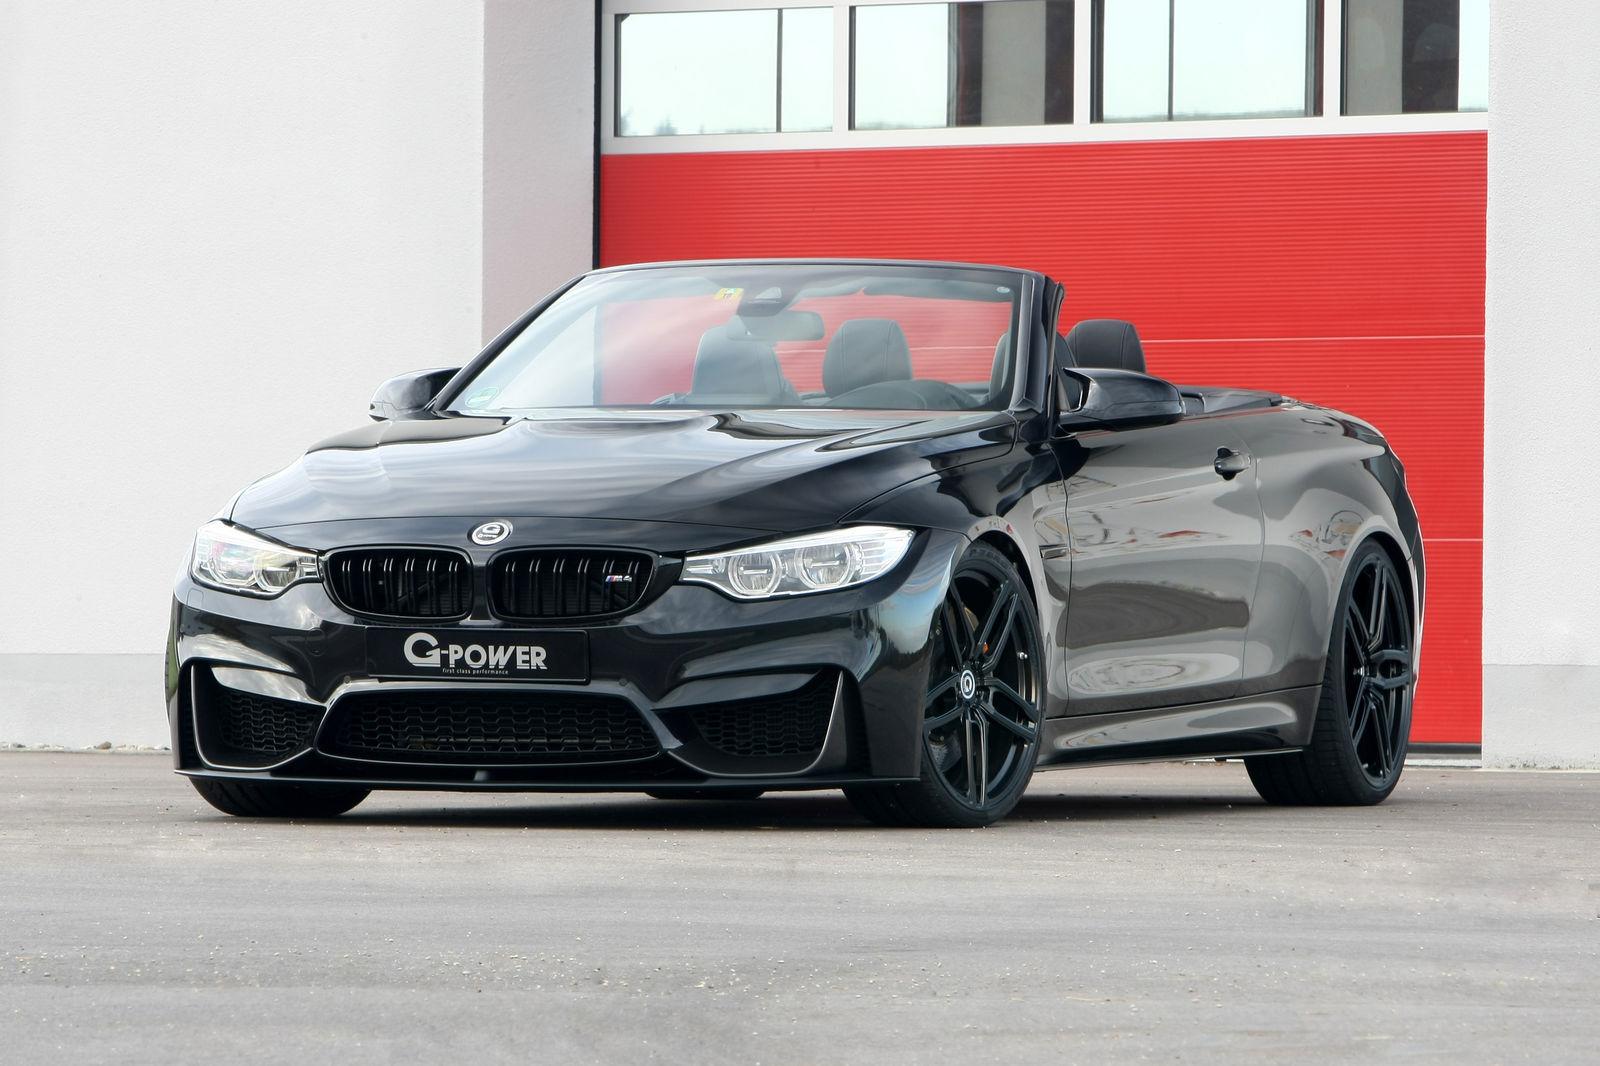 Foto de G-Power BMW M4 Cabrio (1/7)